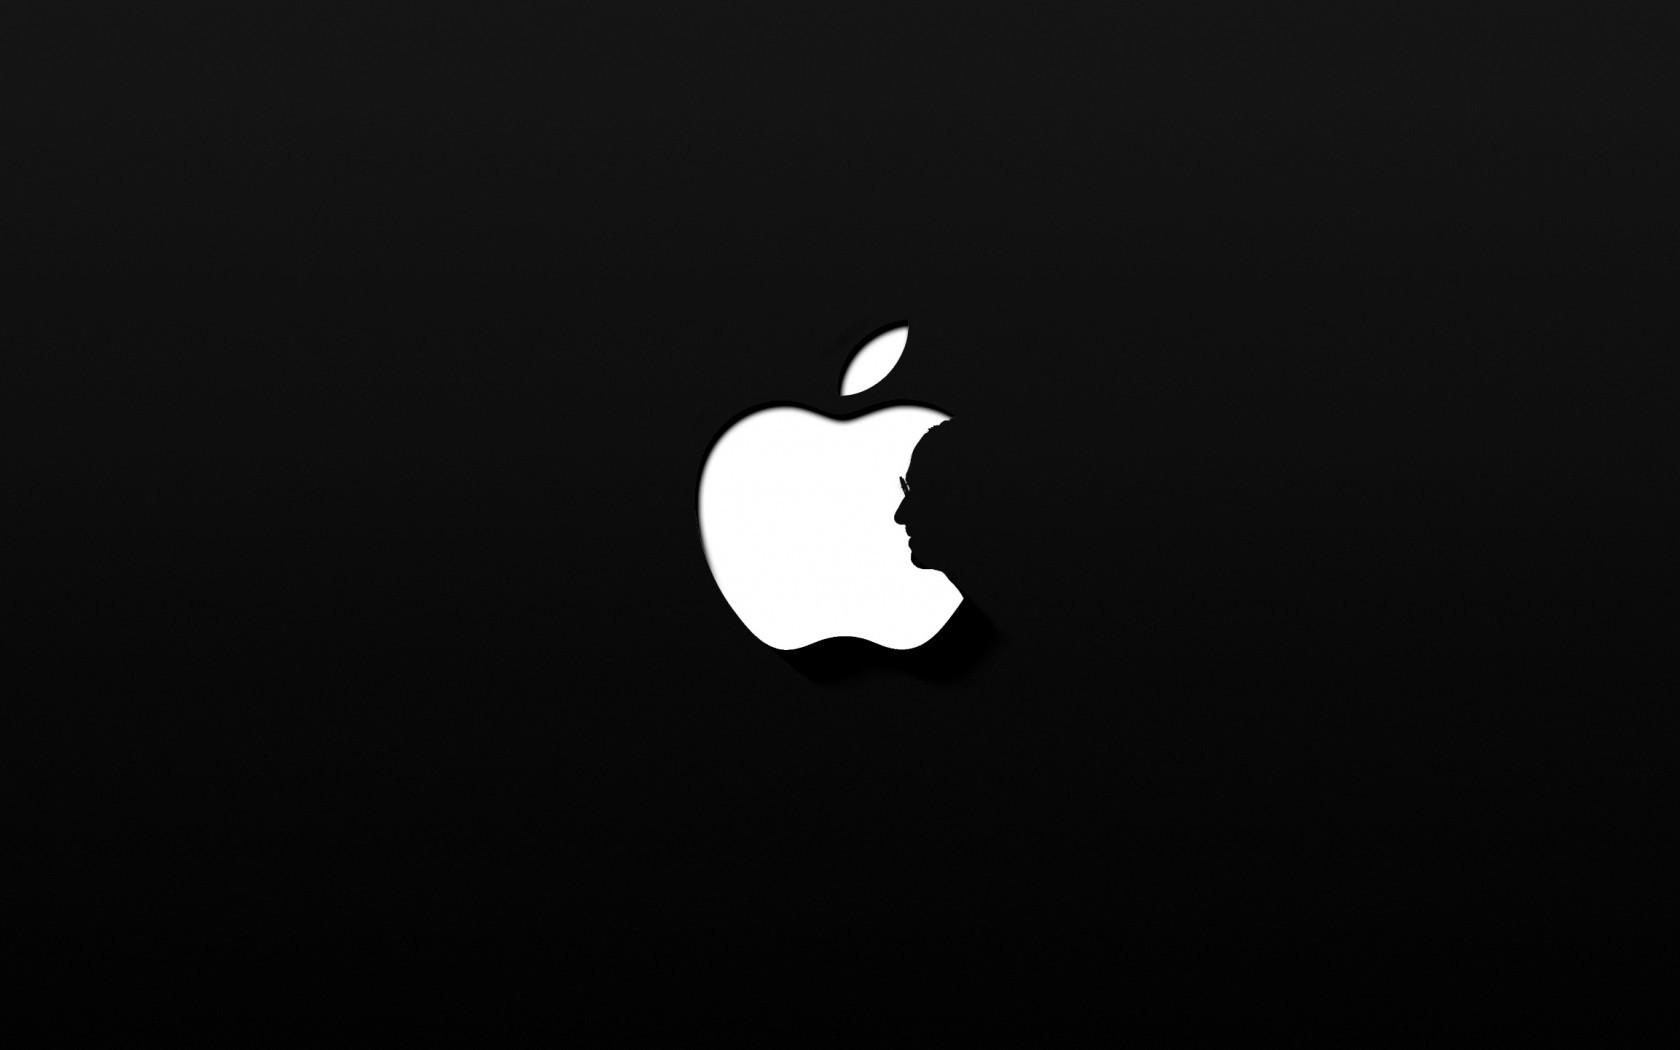 Handy-Wallpaper Marken, Hintergrund, Apple- kostenlos herunterladen.